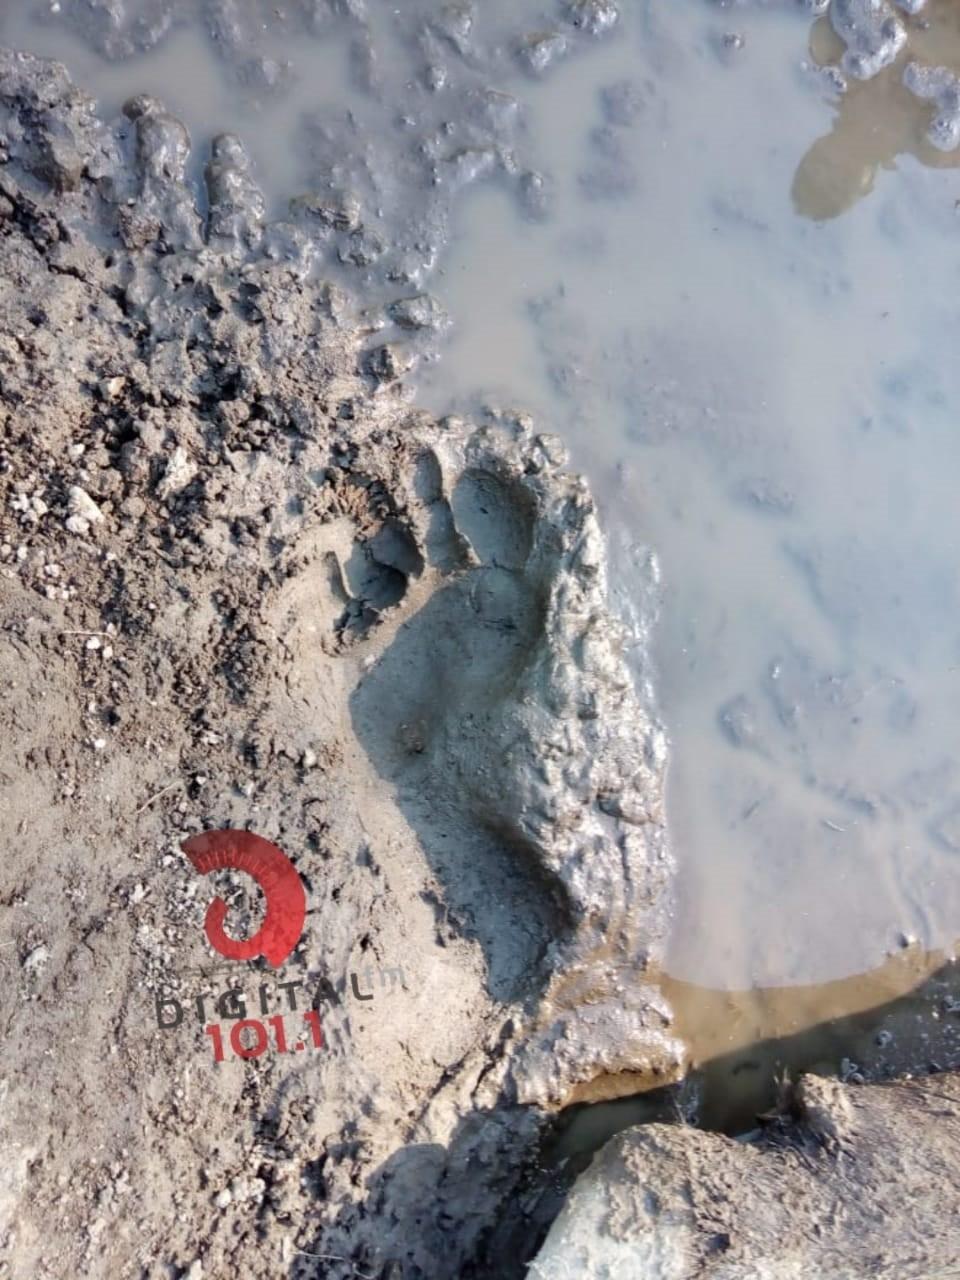 Misterio: aparecieron 2 terneros degollados en Quines